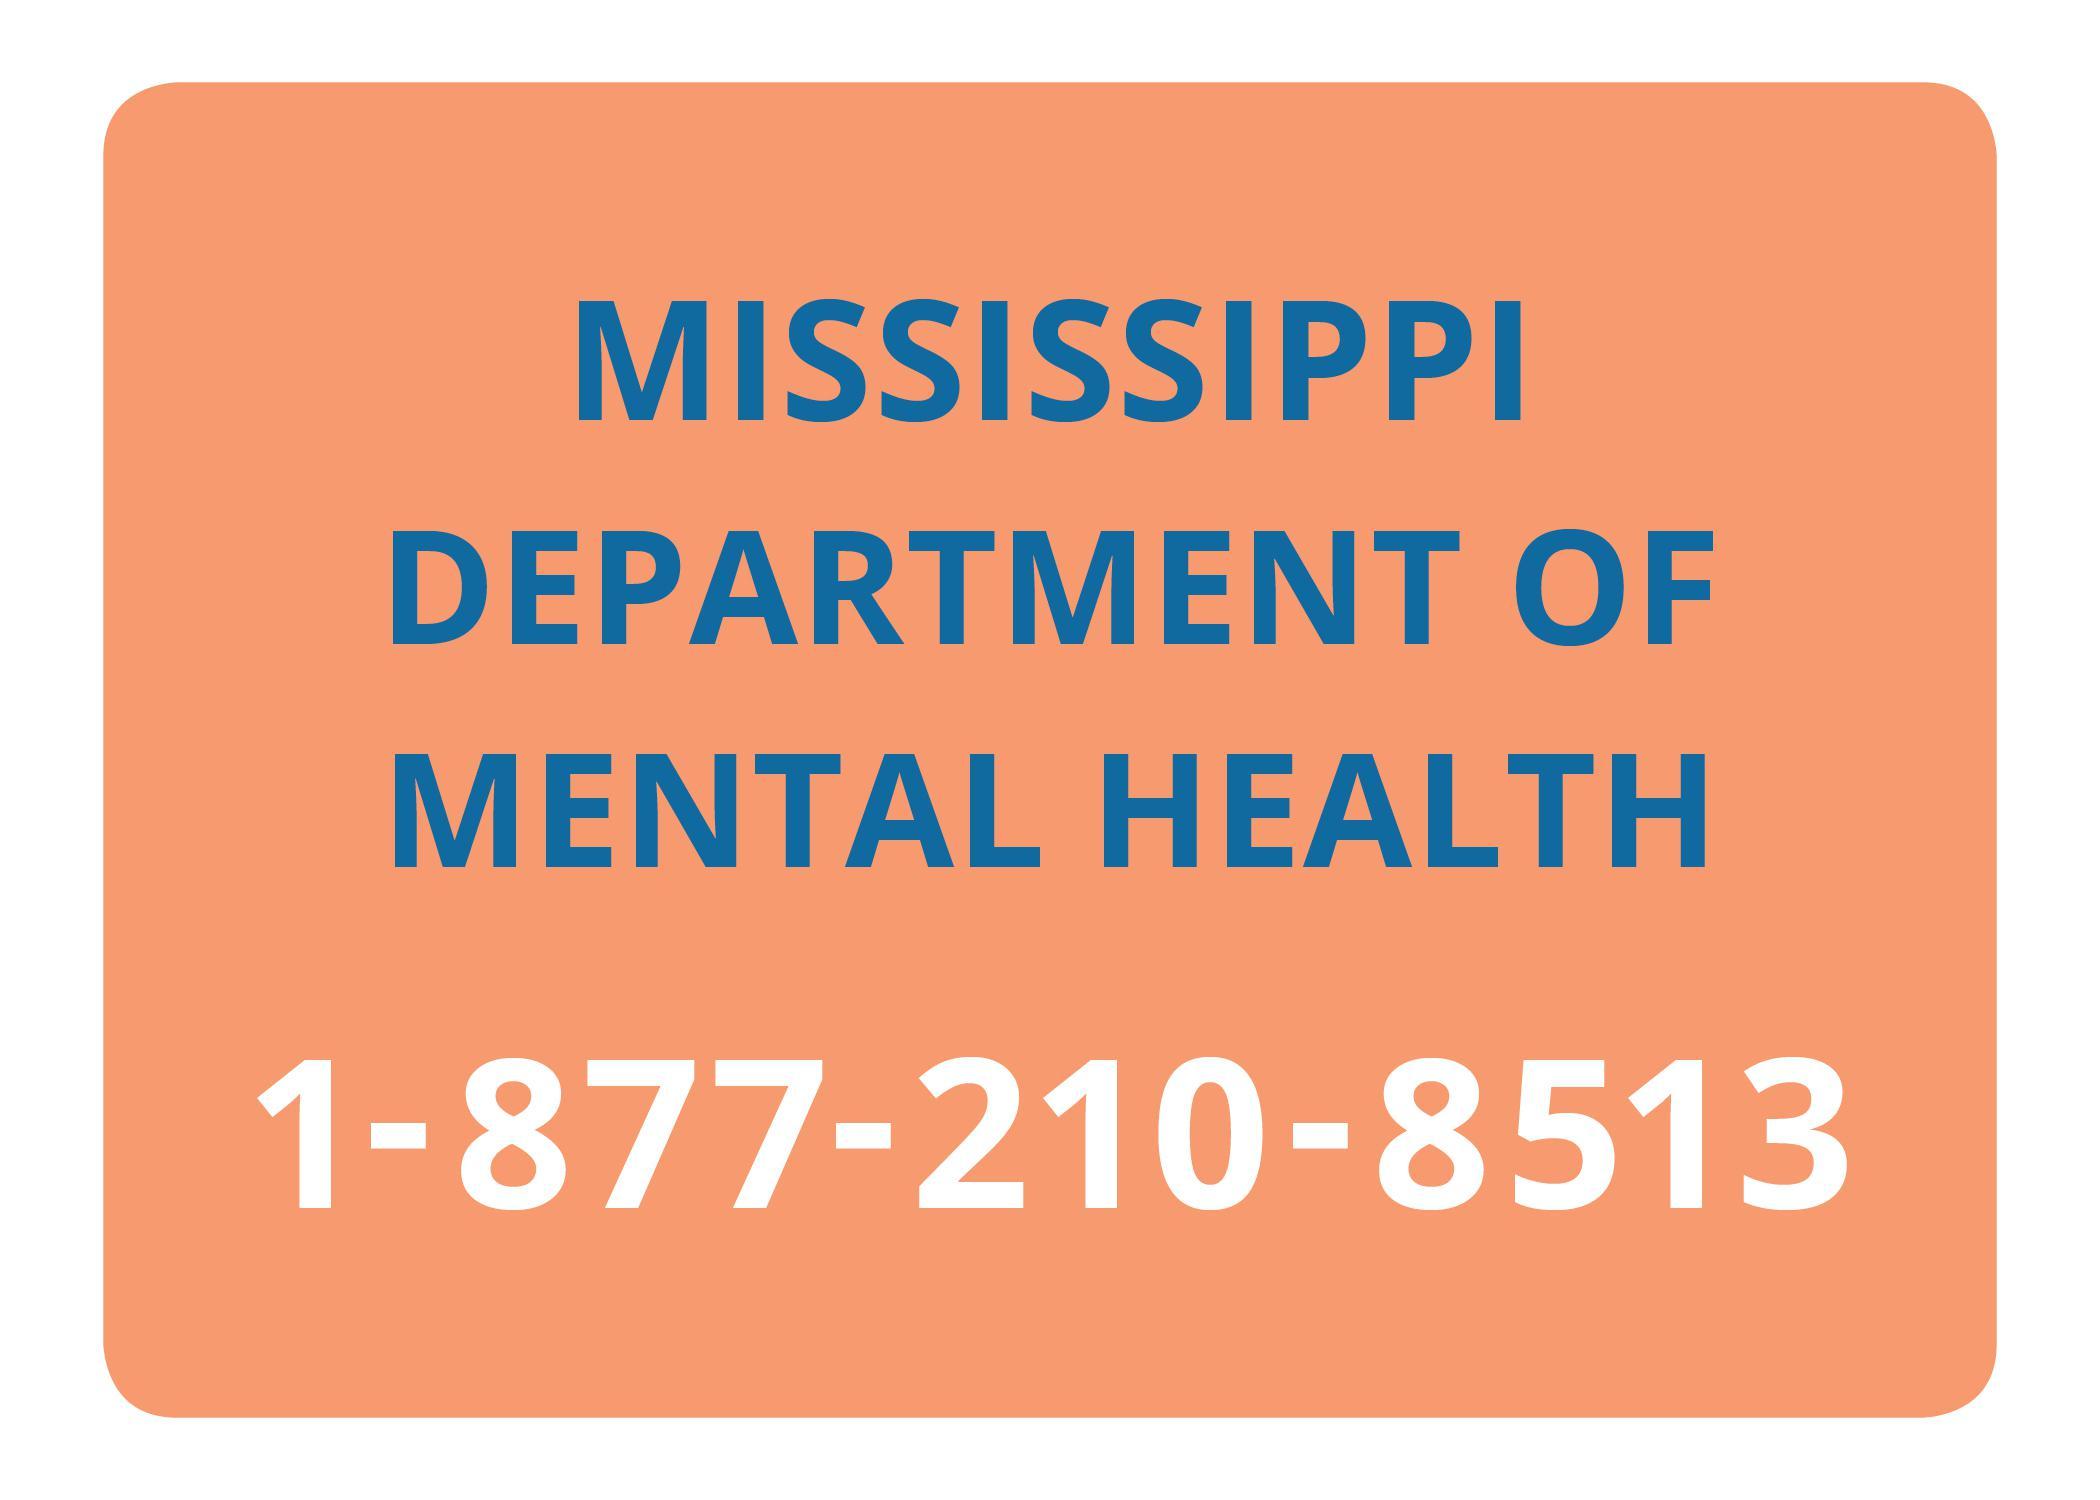 Mississippi Department of Mental Health Helpline, 1-877-210-8513